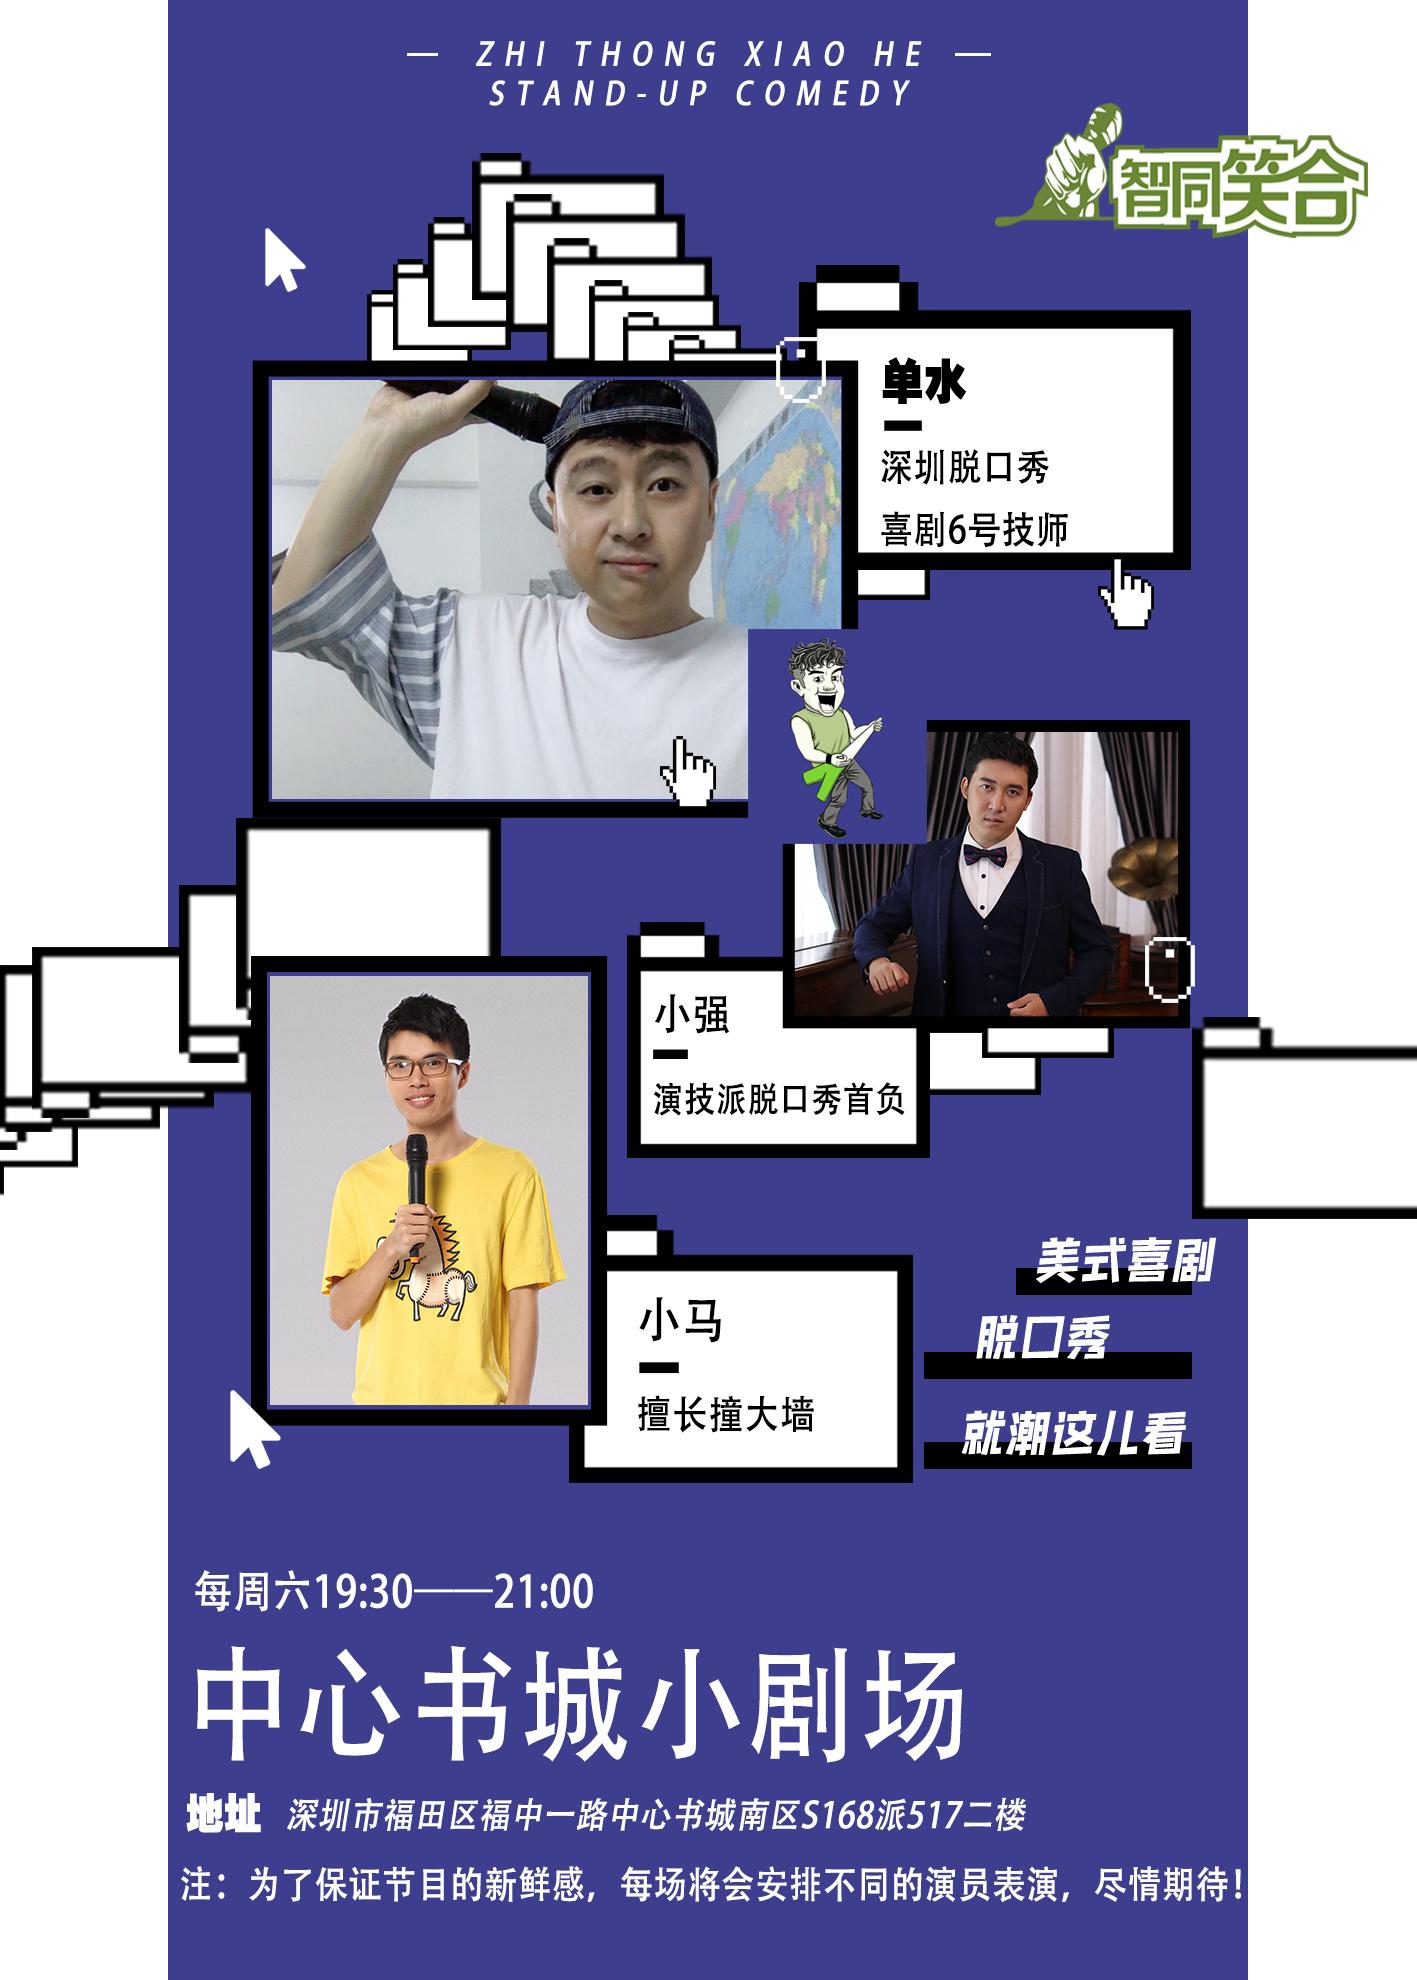 【深圳】智同笑合出品脫口秀 每周六中心書城小劇場